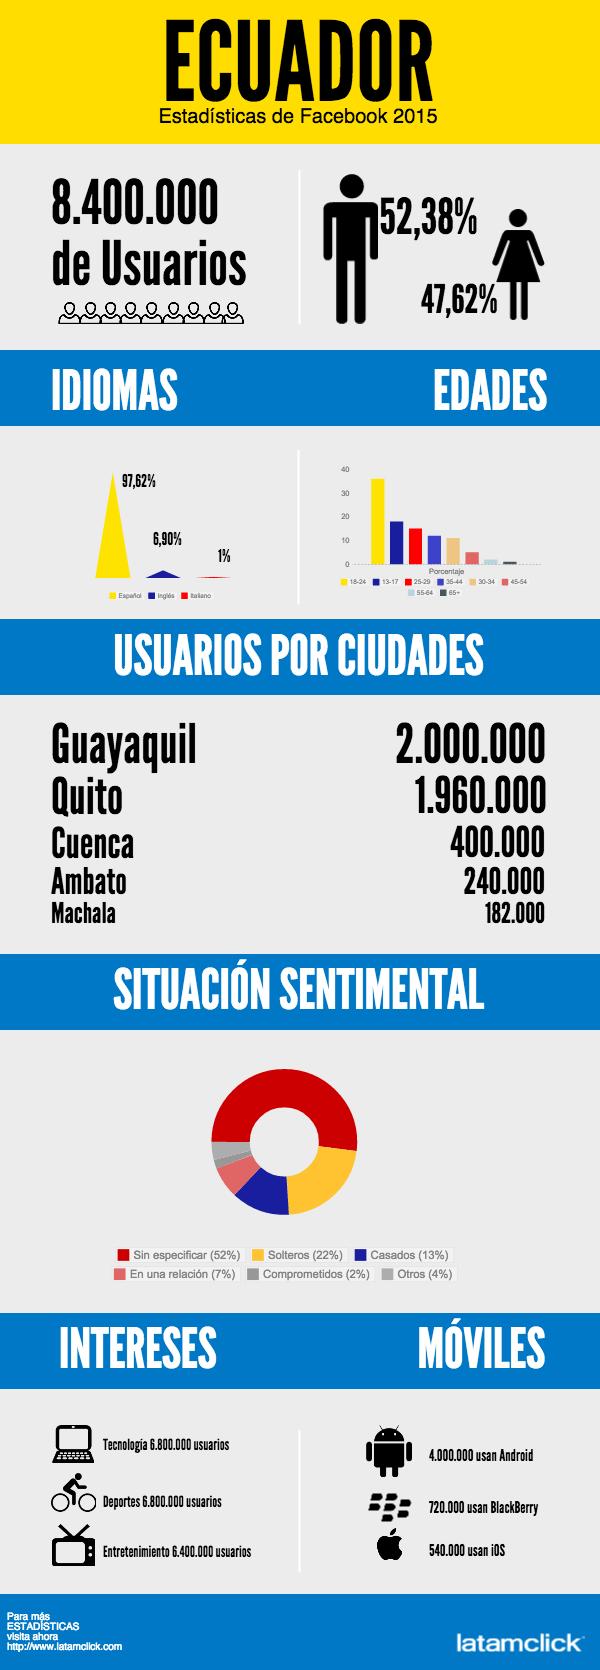 FaceBook en Ecuador 2015